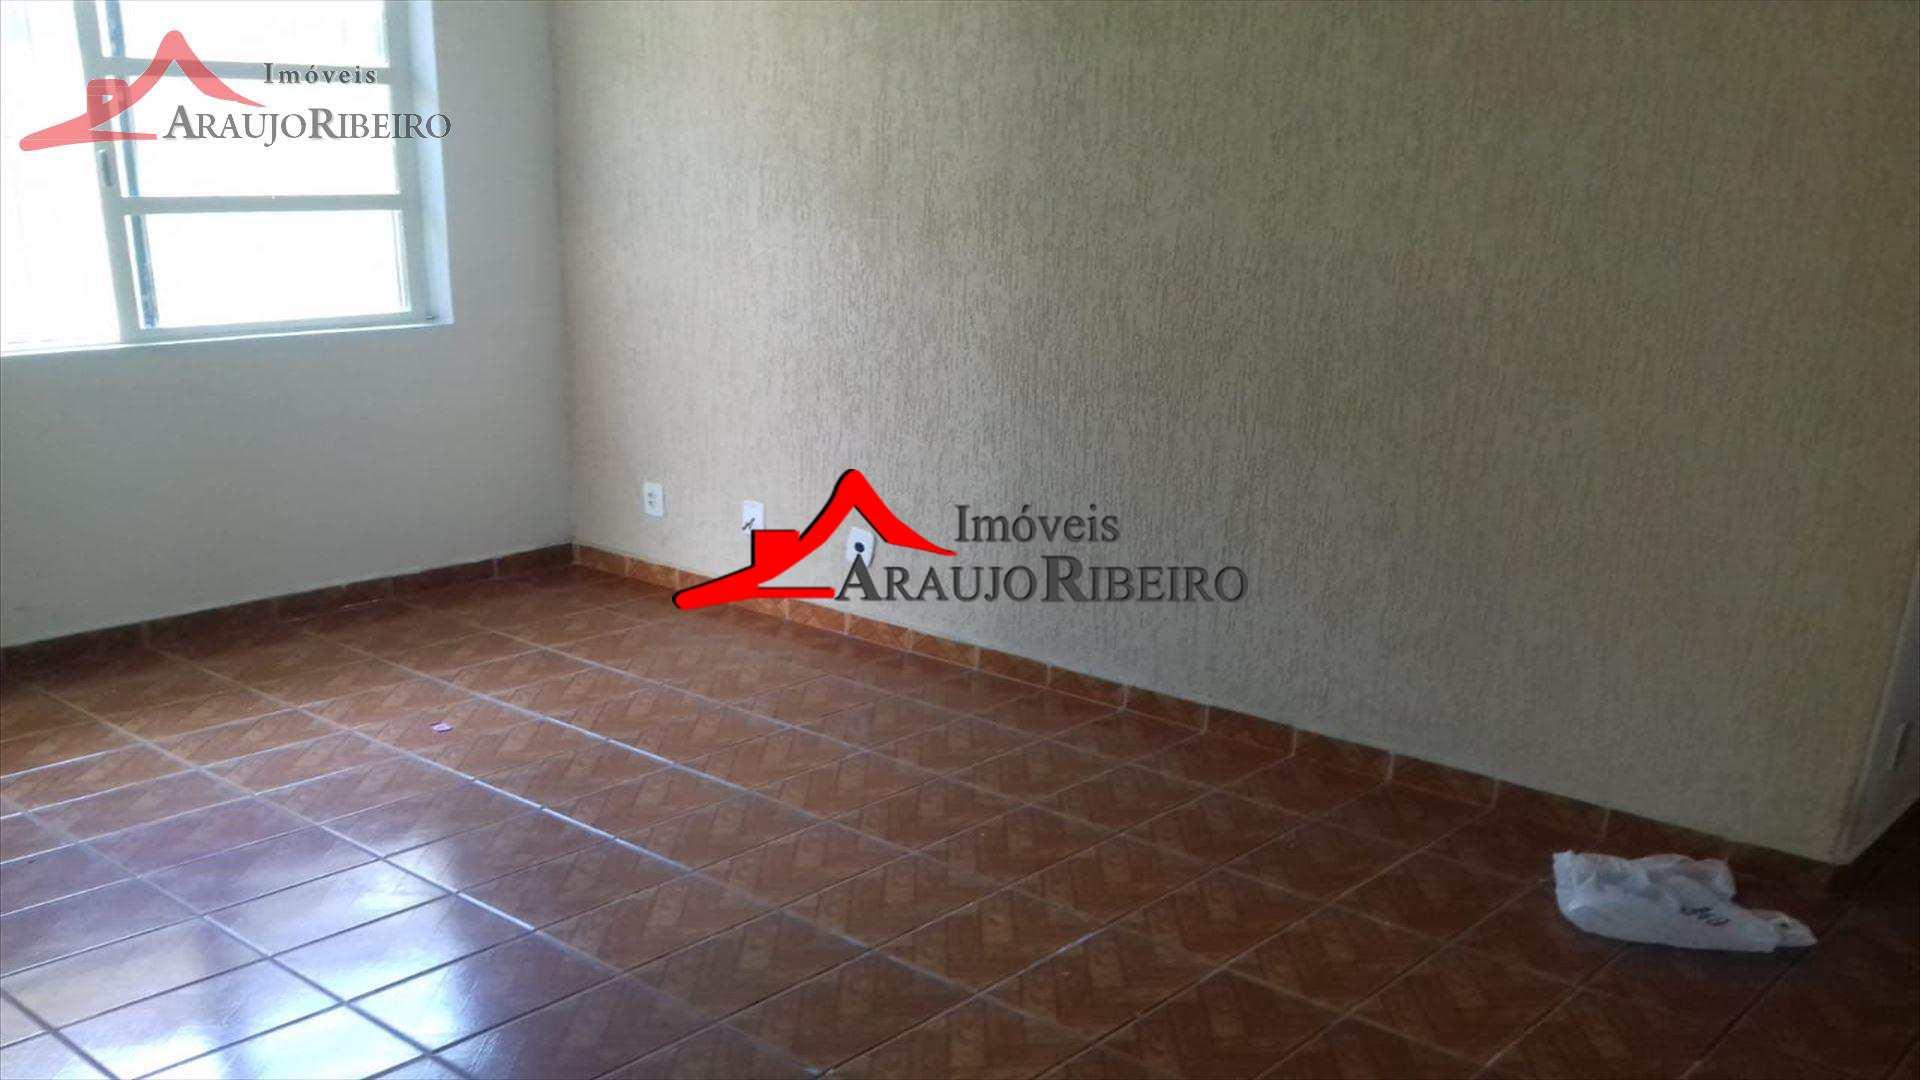 Casa de Condomínio com 3 dorms, Residencial São Charbel, Taubaté - R$ 280 mil, Cod: 1102